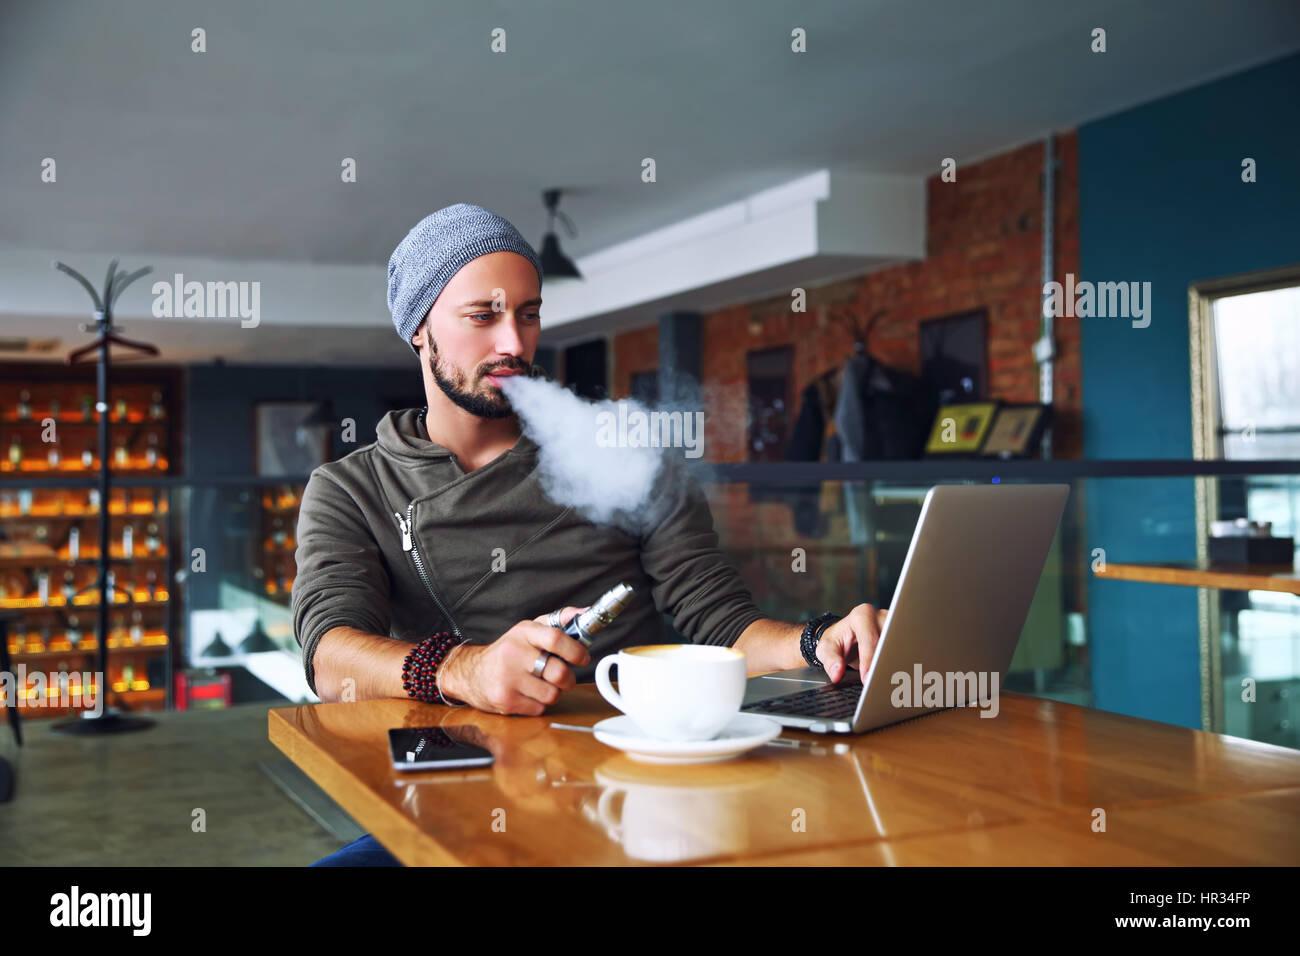 Junge hübsche Hipster Mann mit Bart sitzen im Café bei einer Tasse Kaffee, dampfen und Veröffentlichungen Stockbild